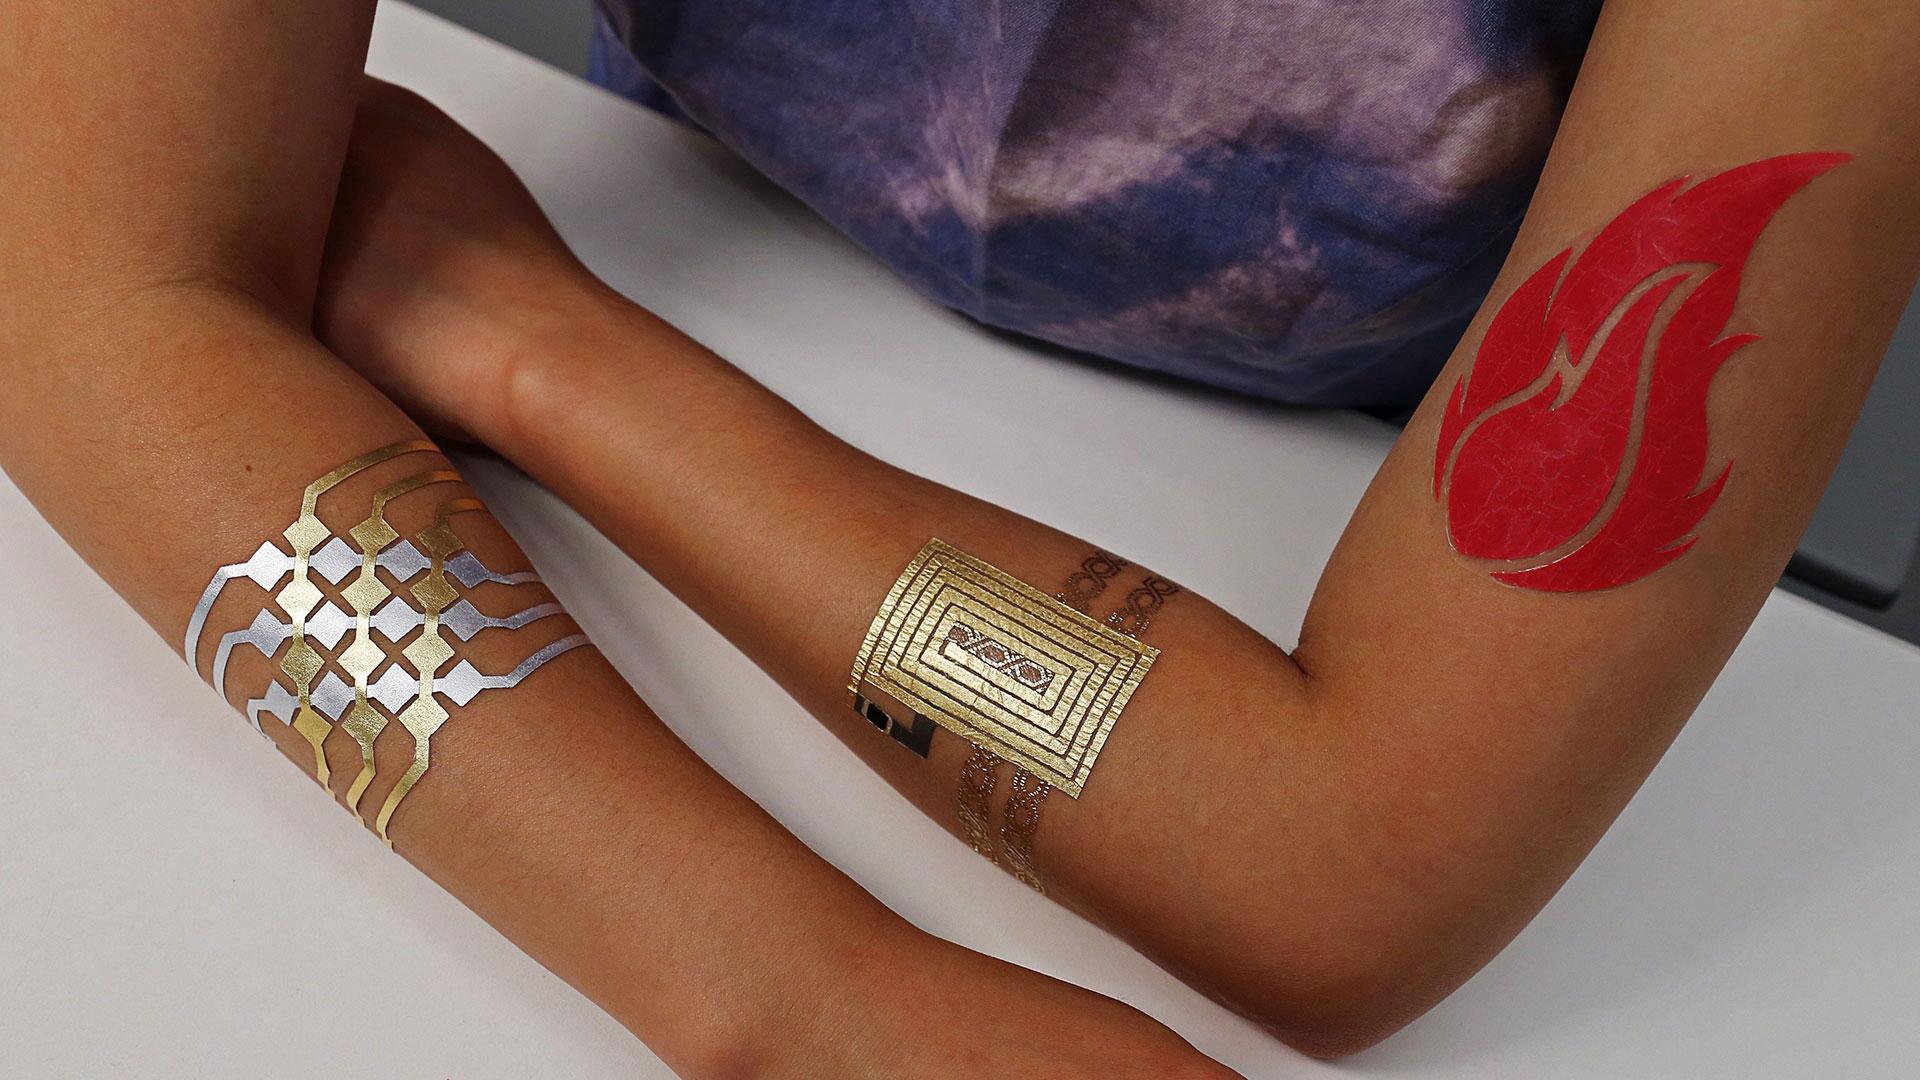 tatuaggio elettronico etattoo